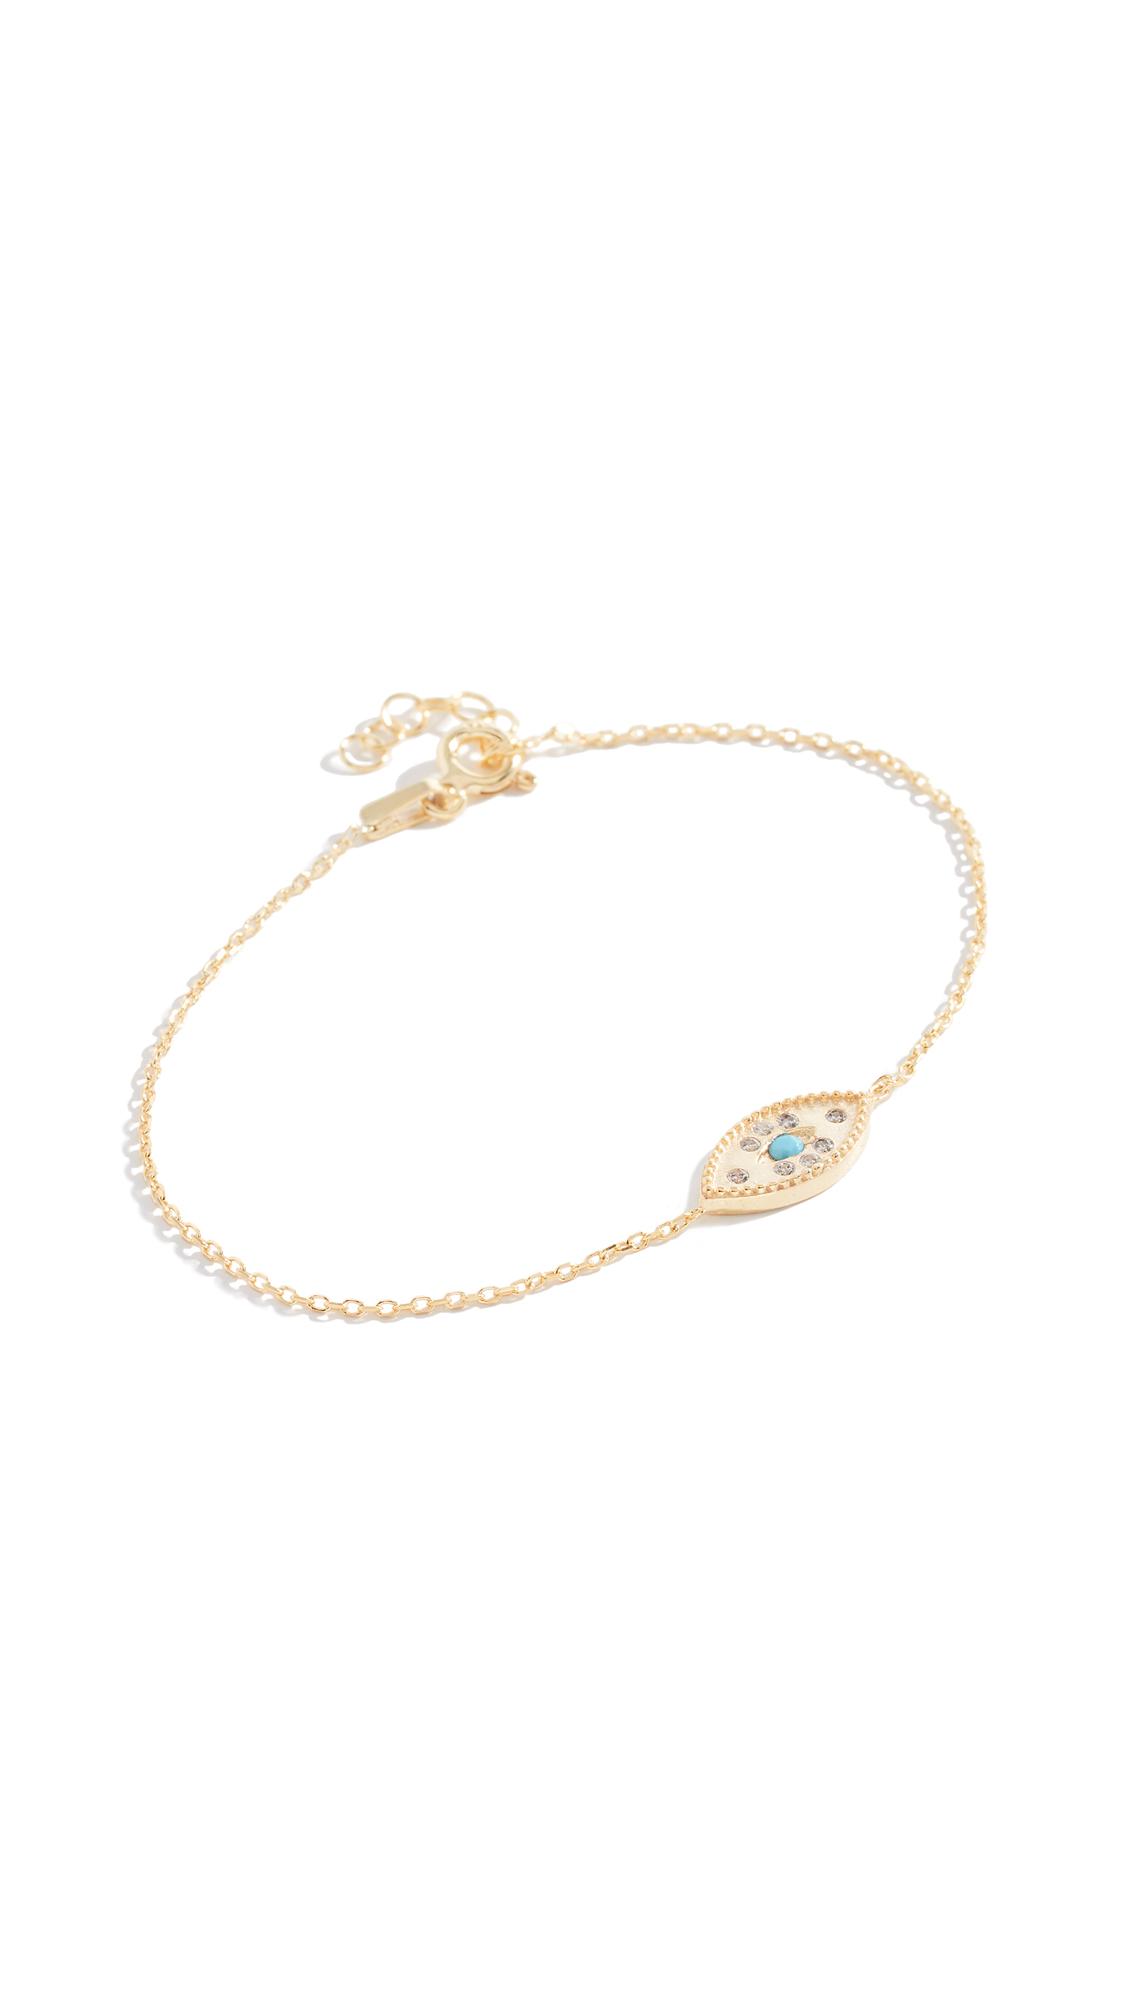 KINDRED Evil Eye Bracelet in Yellow Gold